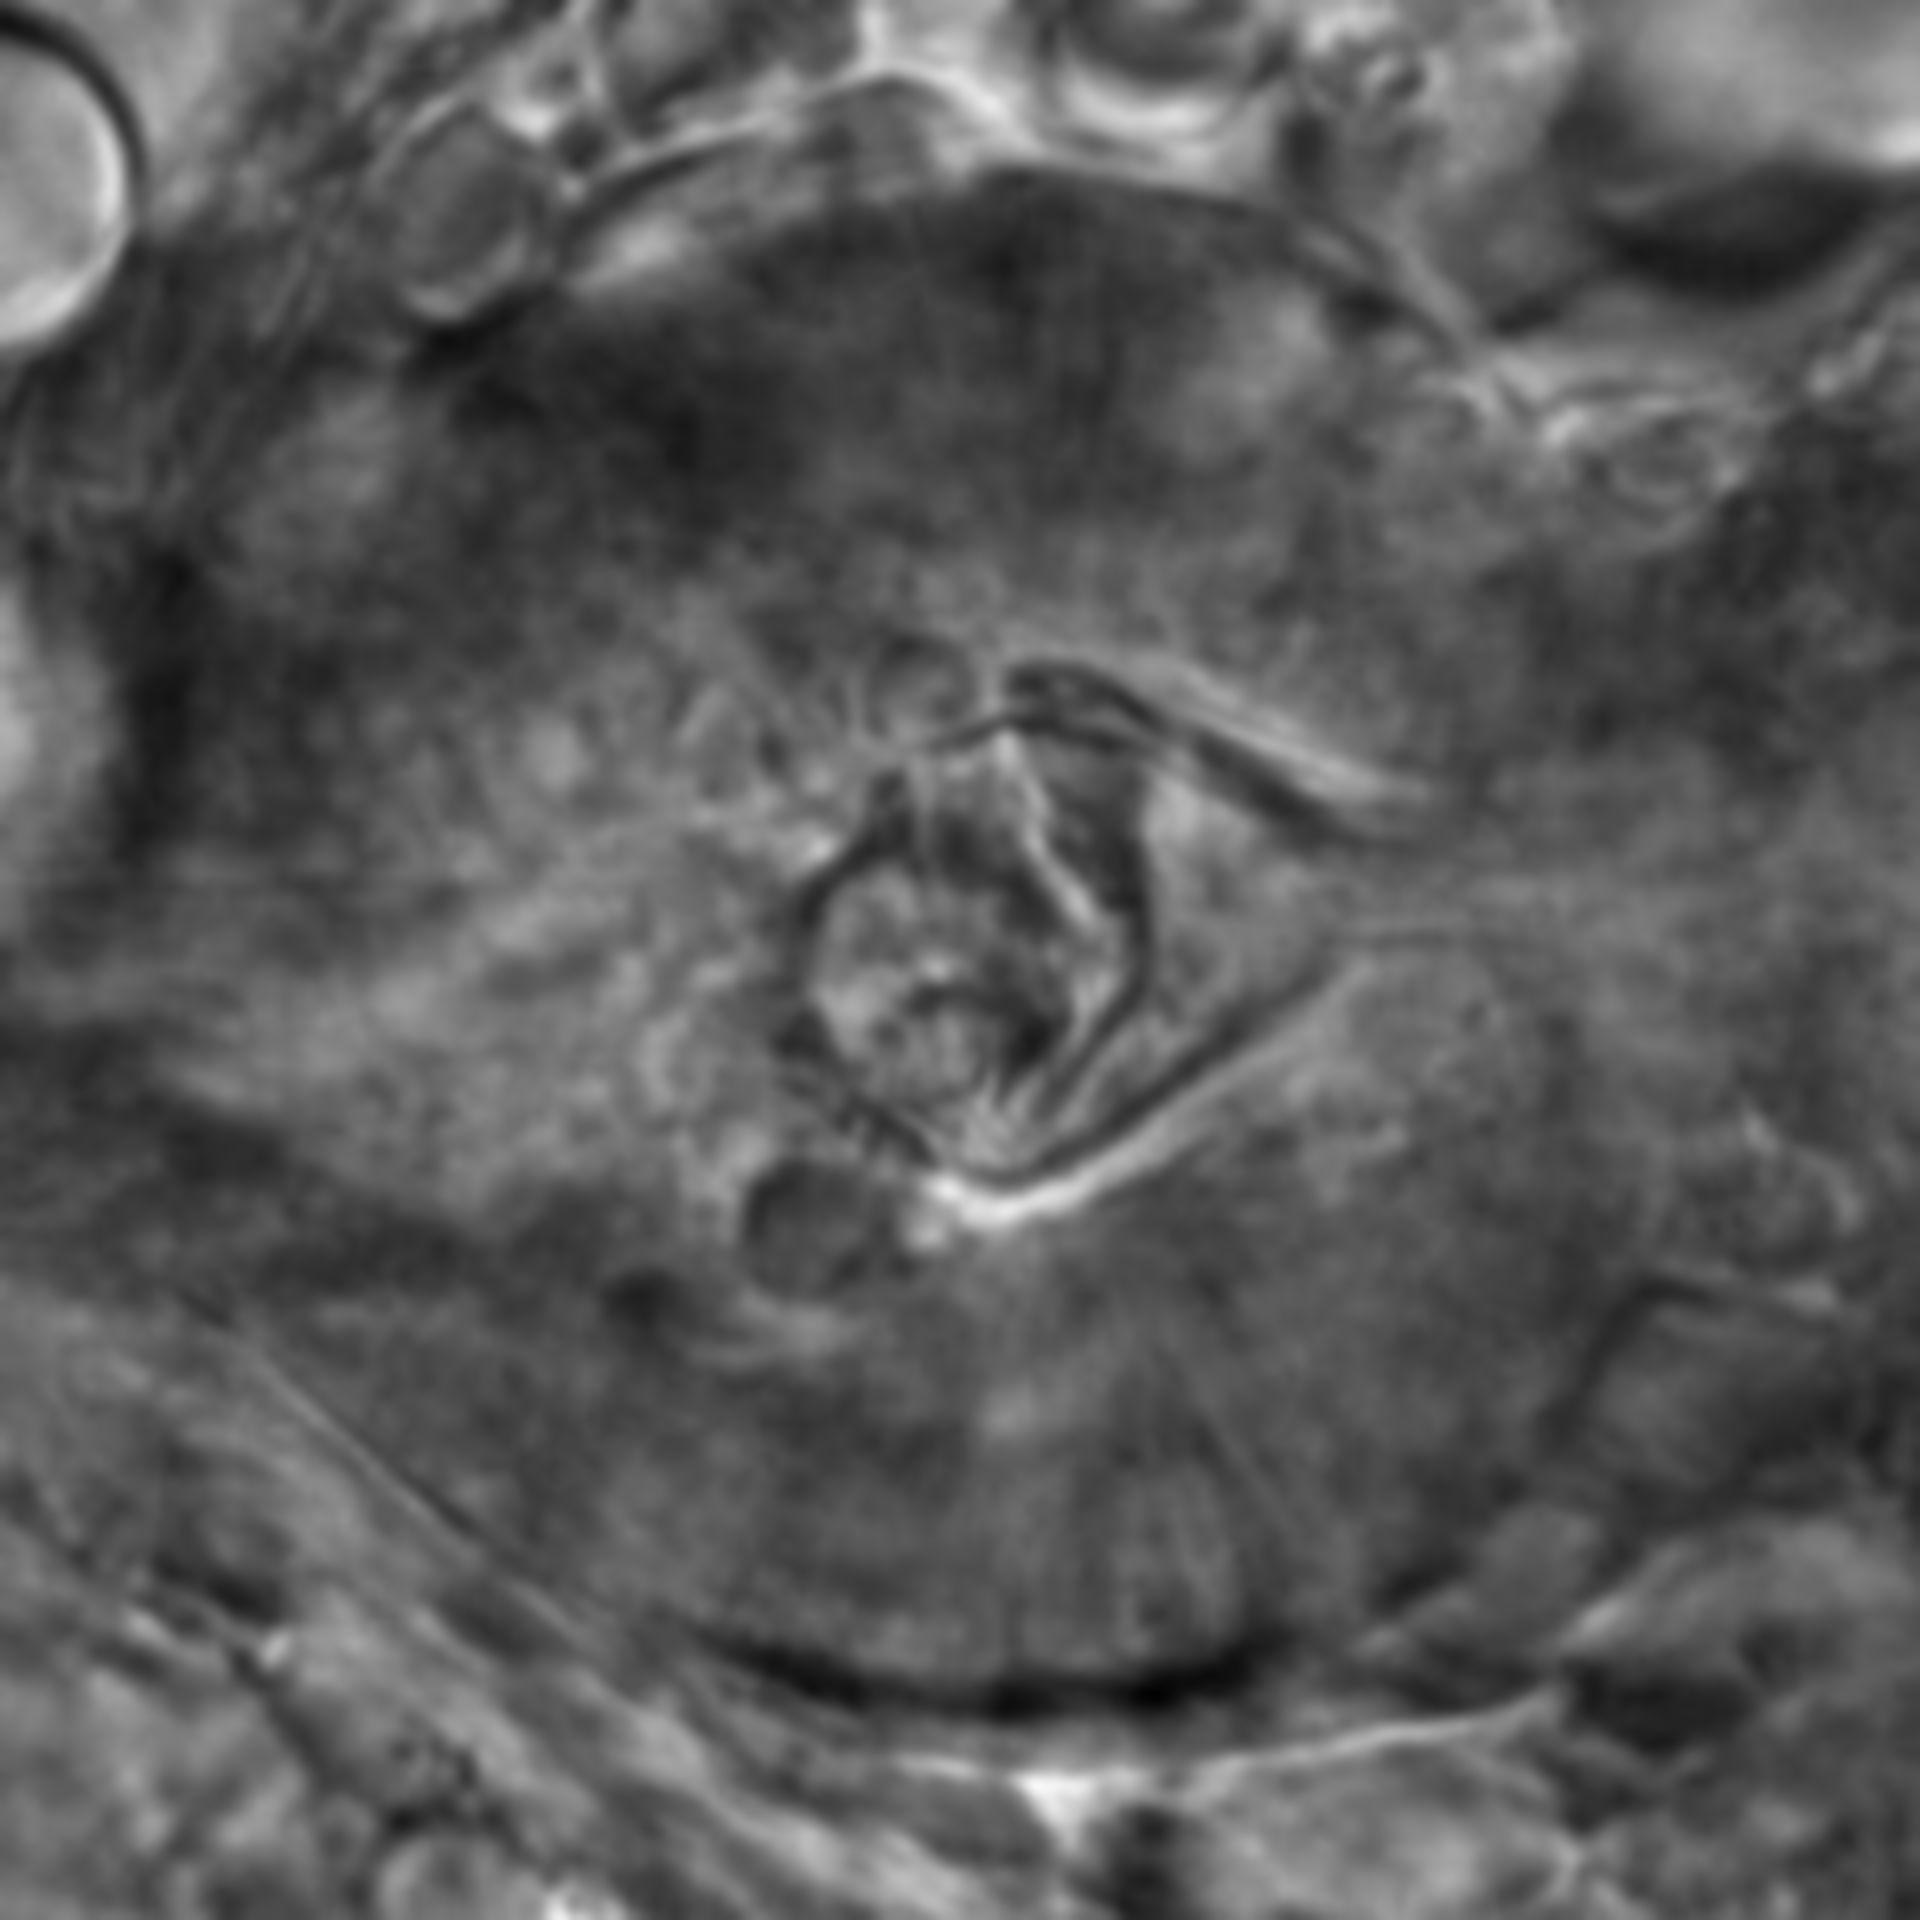 Caenorhabditis elegans - CIL:2667